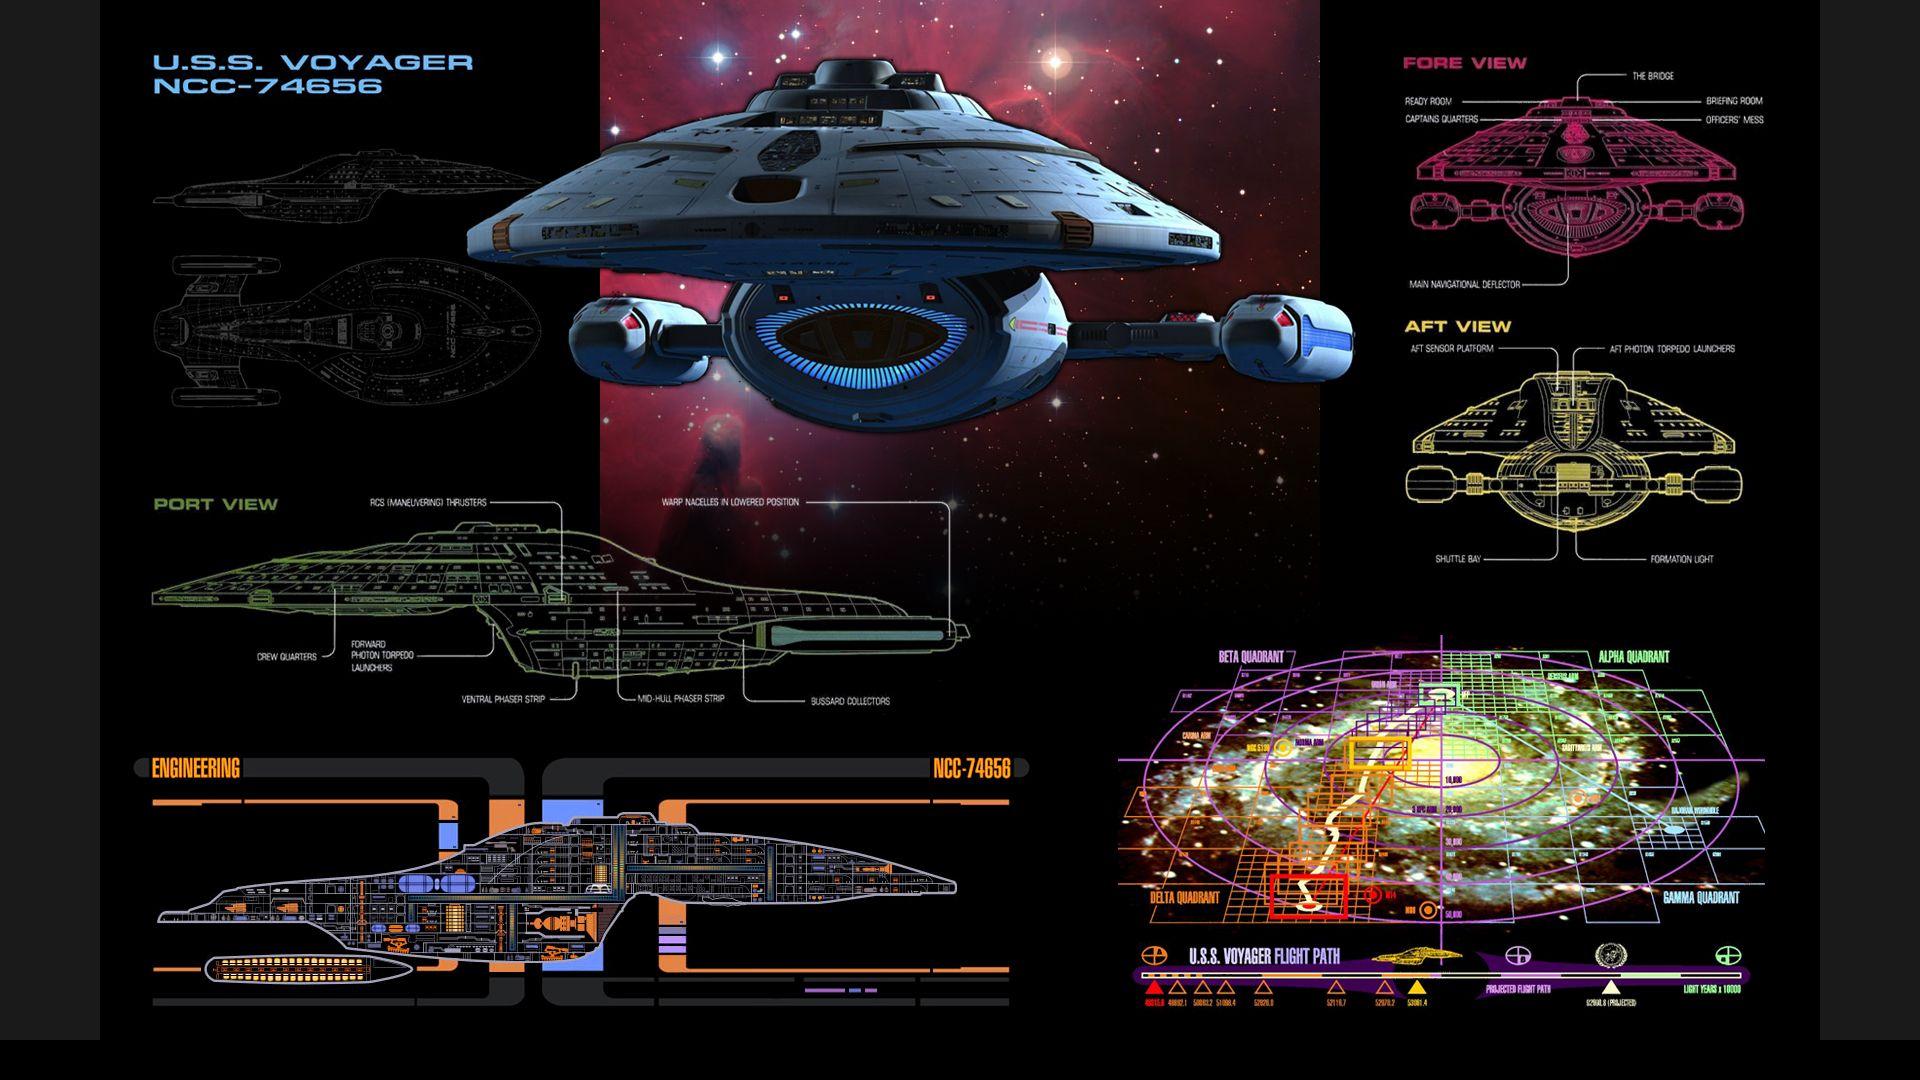 Star trek voyager spacecraft - Star Trek Voyager Schematics Wallpaper With Side Panels For Desktop Icons